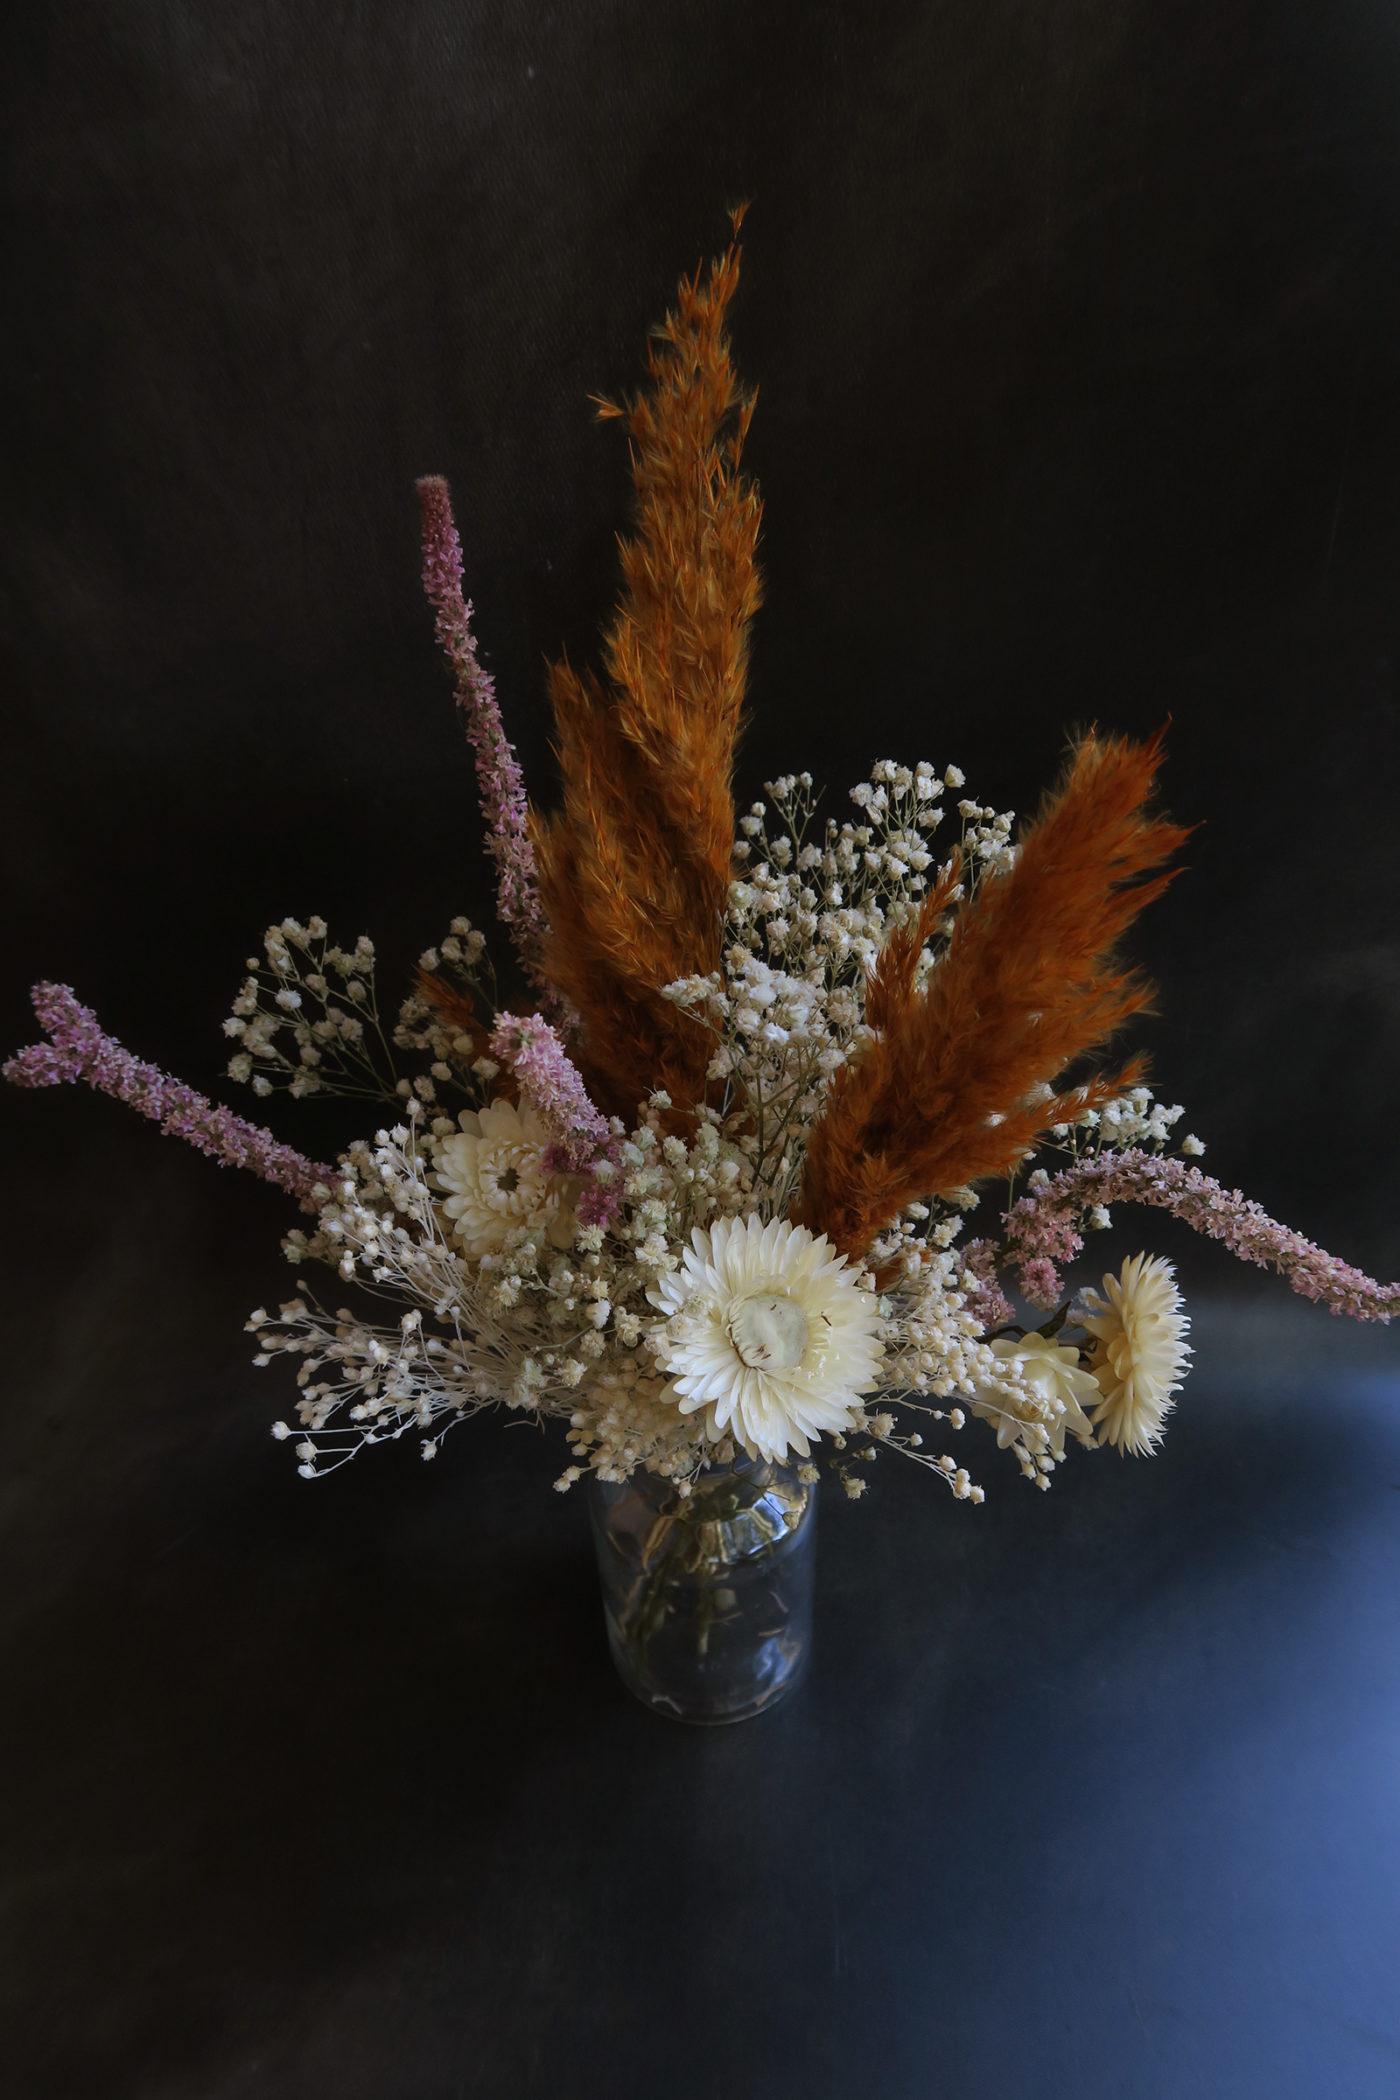 bouquet de fleurs séchées décoration florale naturelle fleuriste toulouse déco bohème boutique végétaux idée cadeau femme